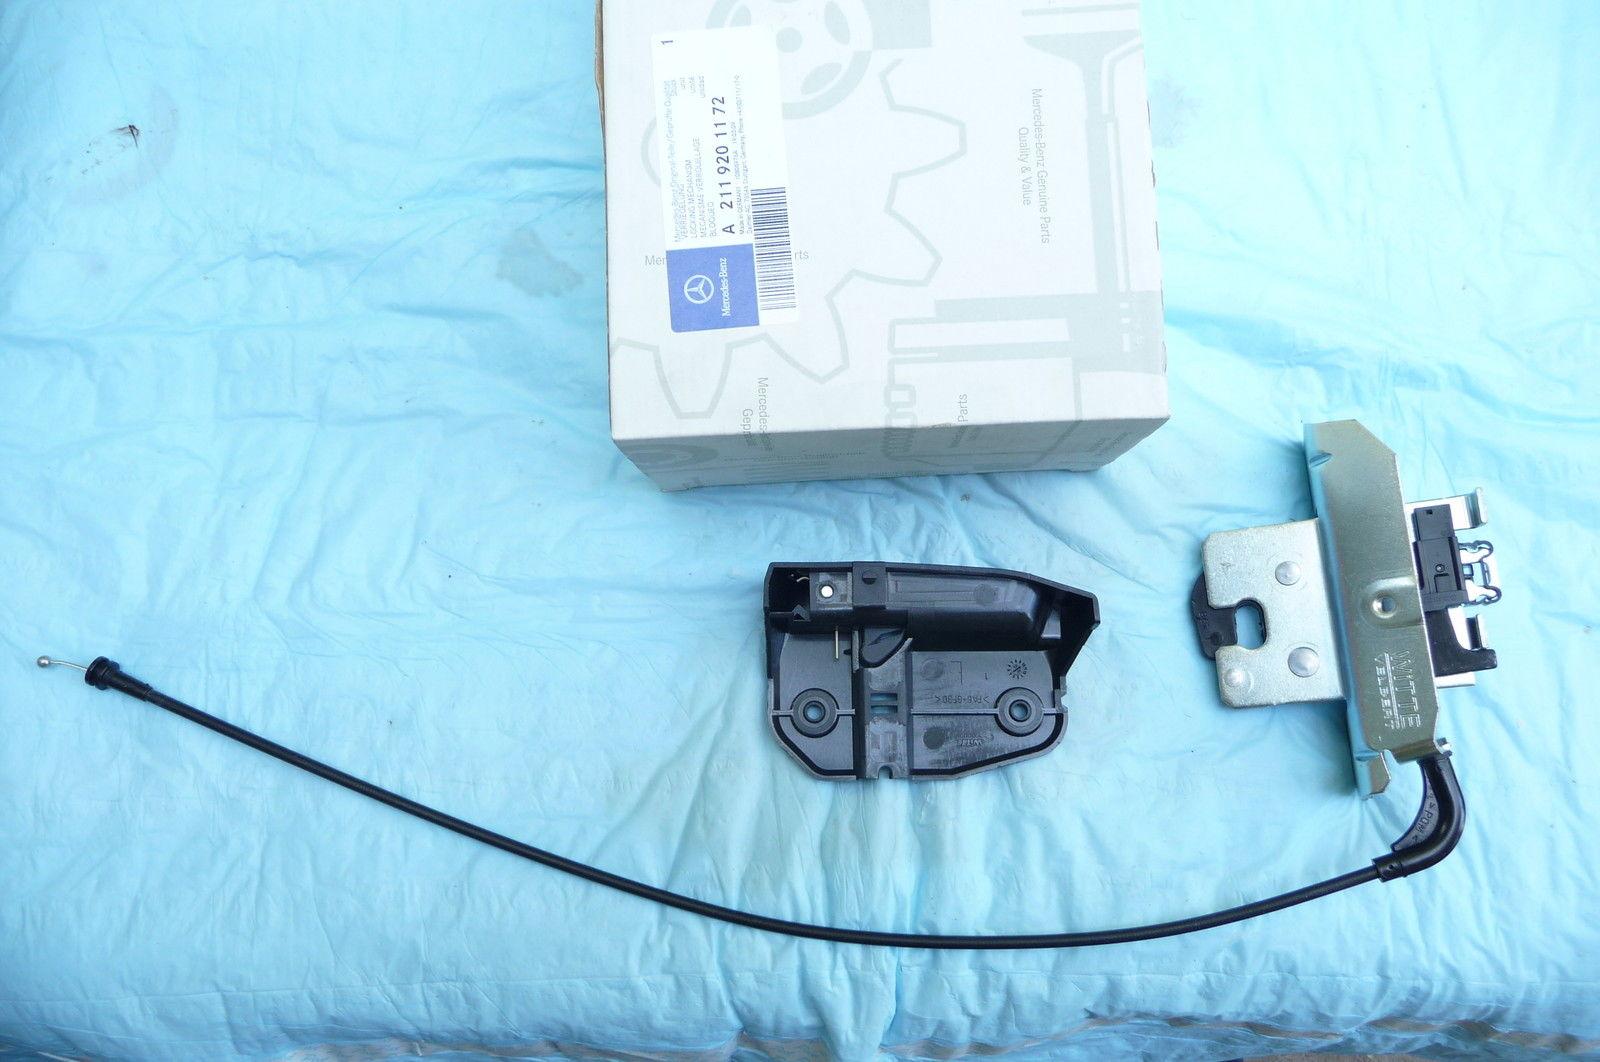 Mercedes E Class Lock Rear Folding Backrest 2003-2009 2119201172; 2119200172 OE